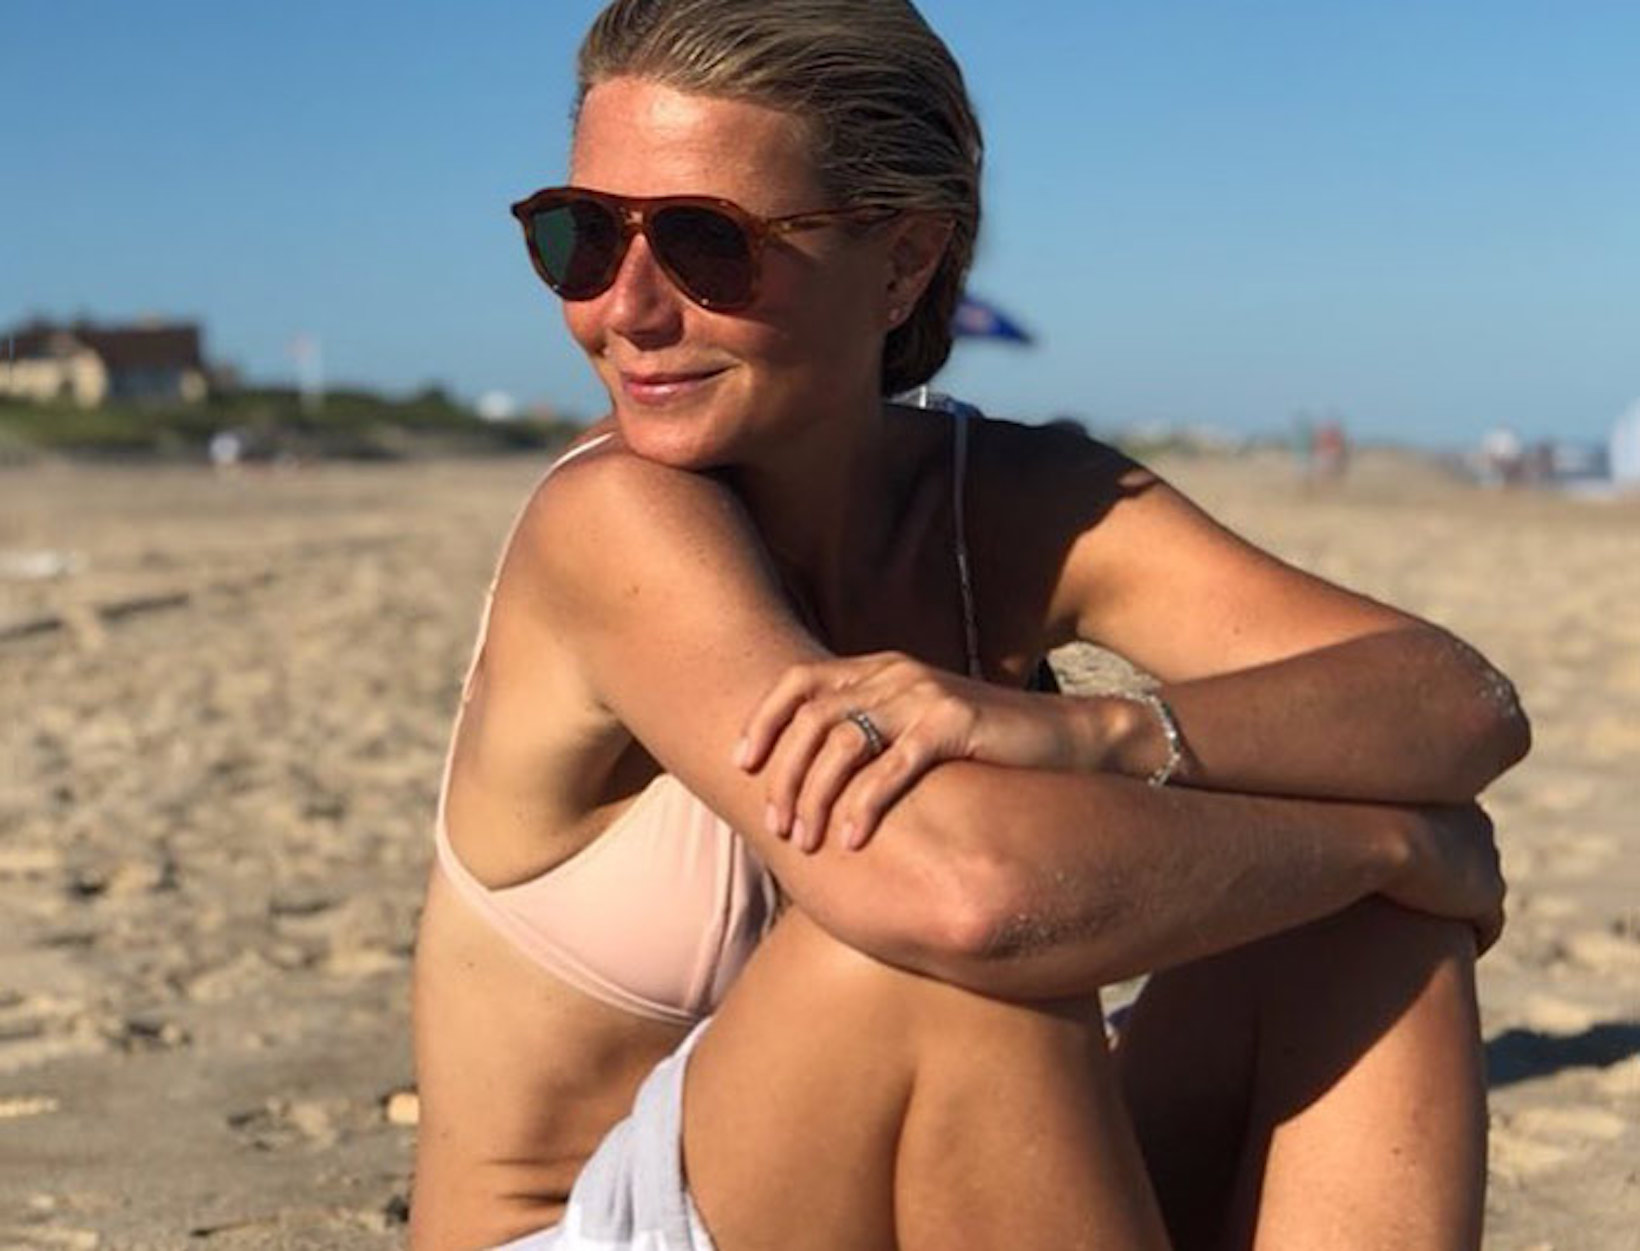 Gwyneth at the beach